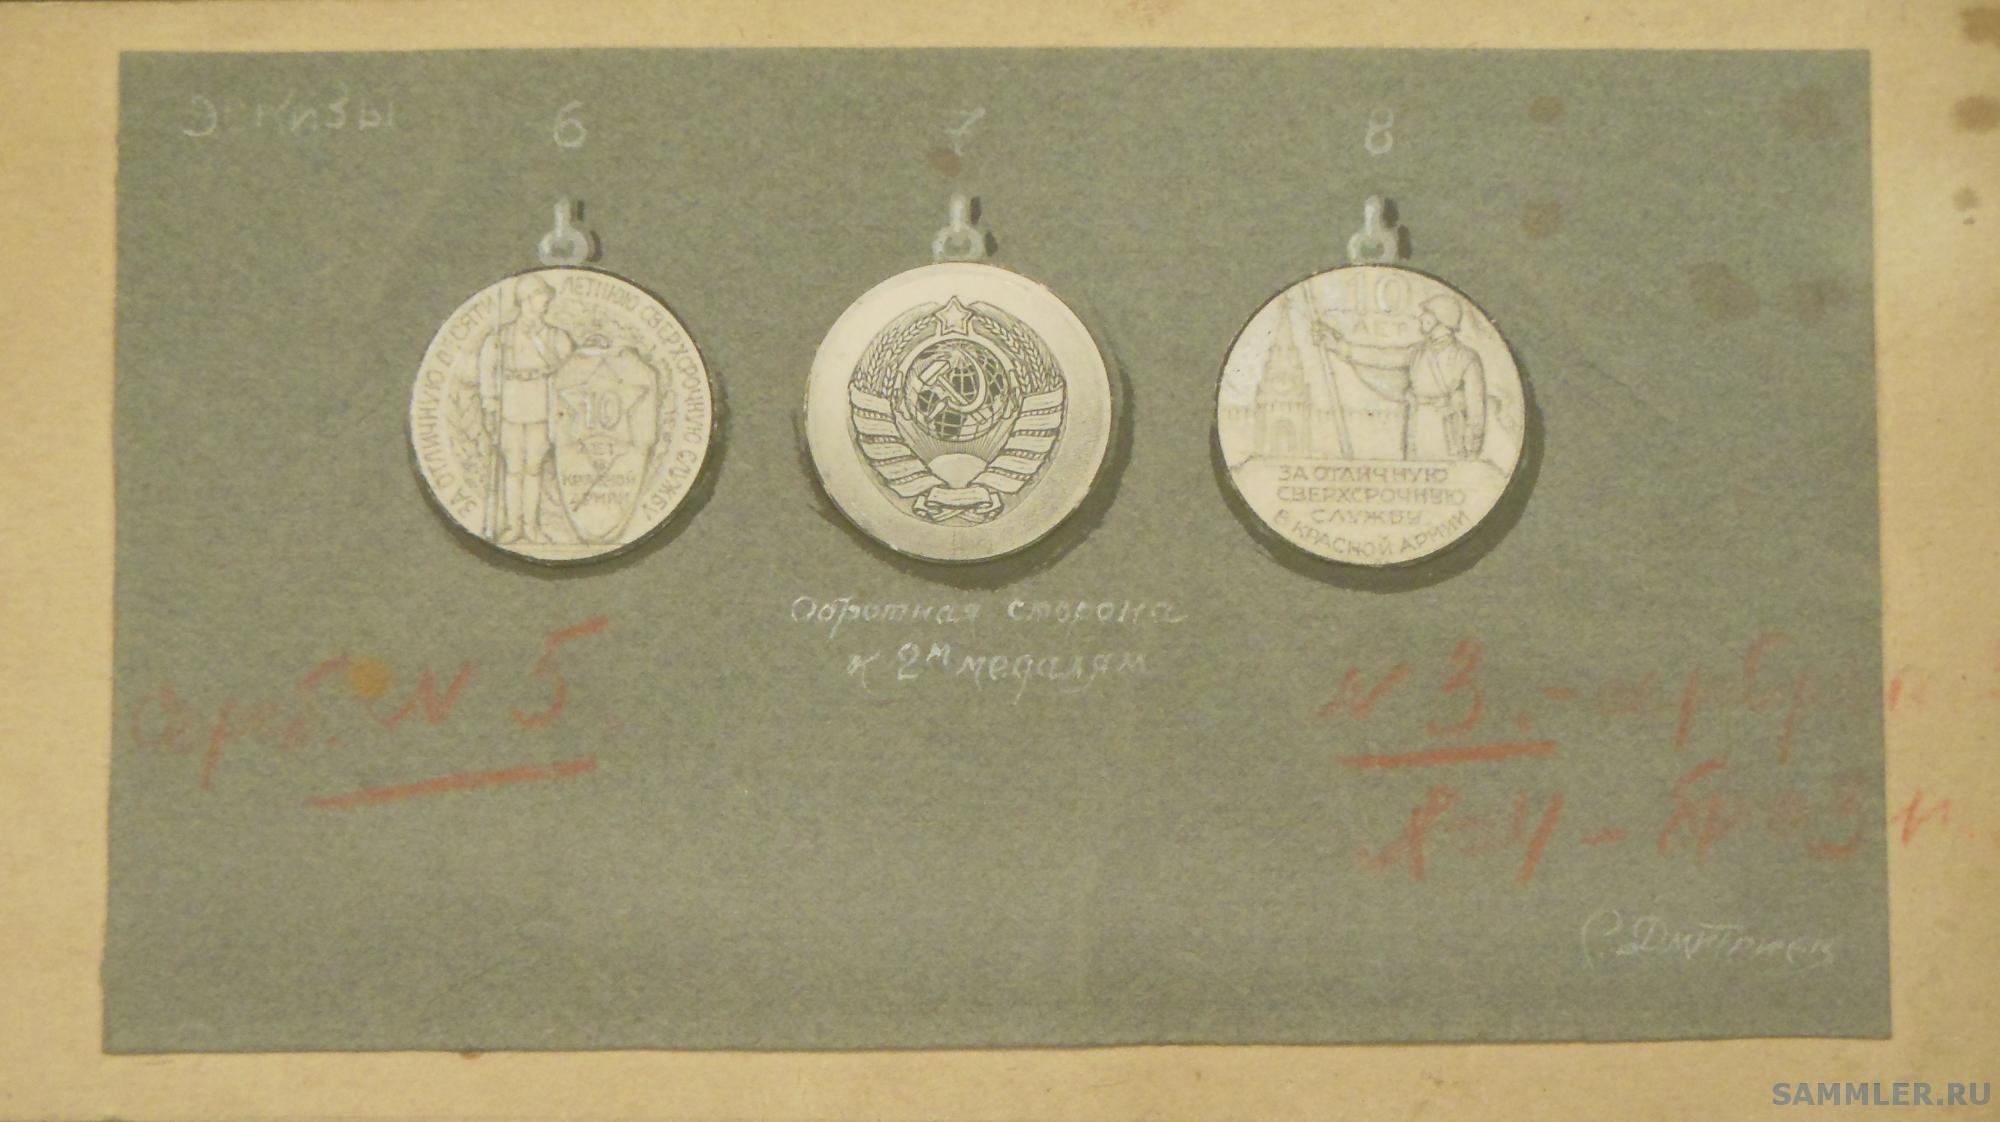 Проект медали За отличную сверхсроч. службу - С.И. Дмитриев, 1940 3.JPG